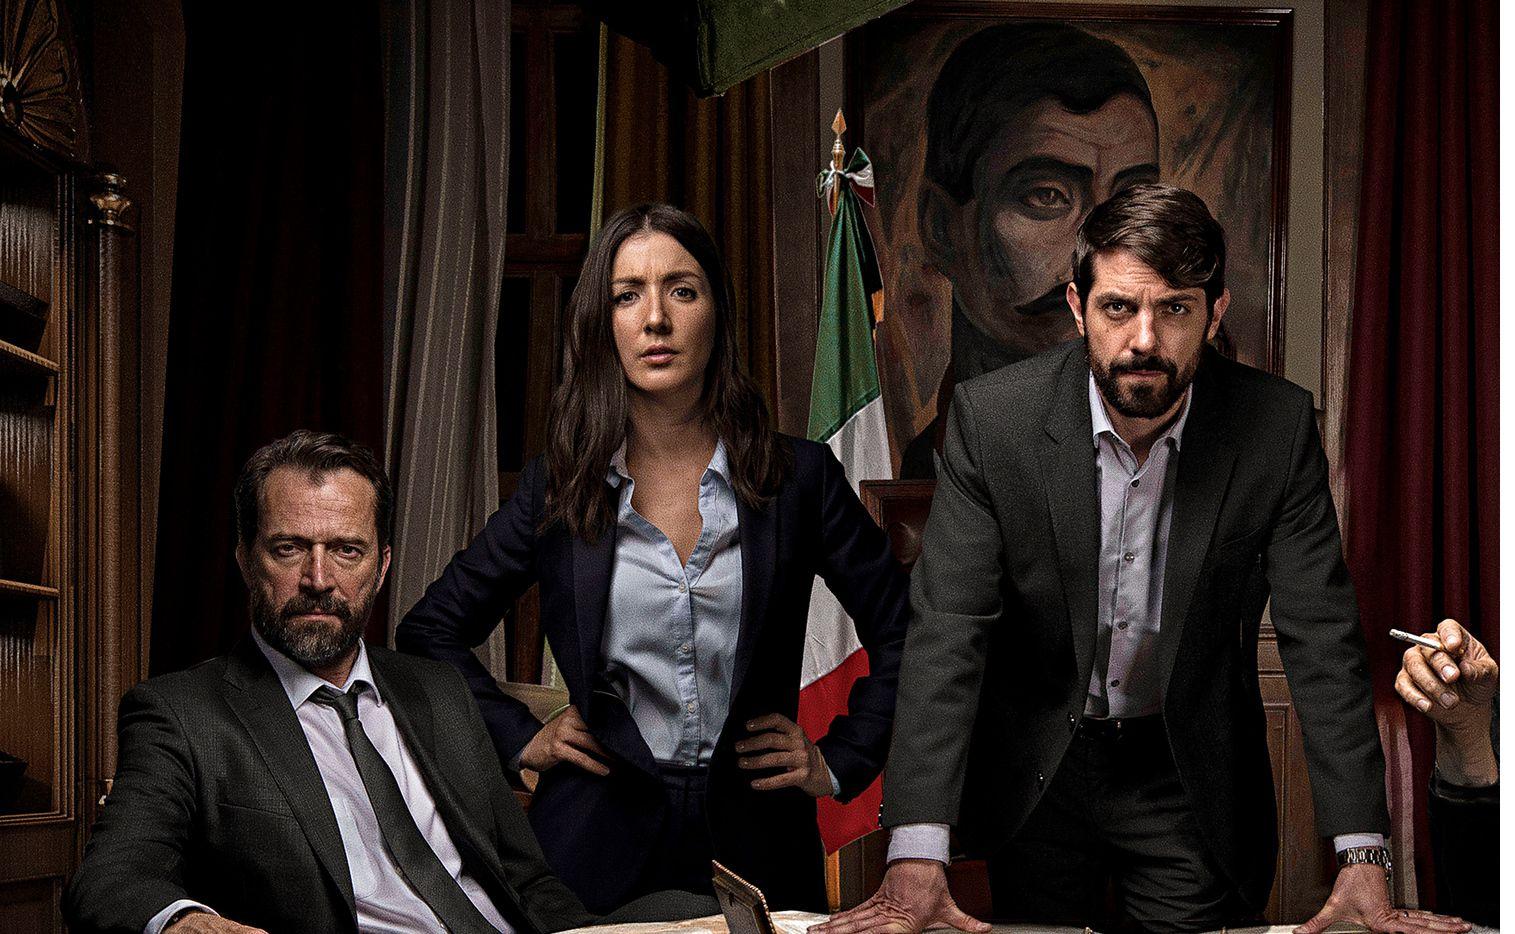 Un México donde el gobierno está conectado al narcotráfico es la trama principal de la serie El Candidato de Amazon Prime Video.